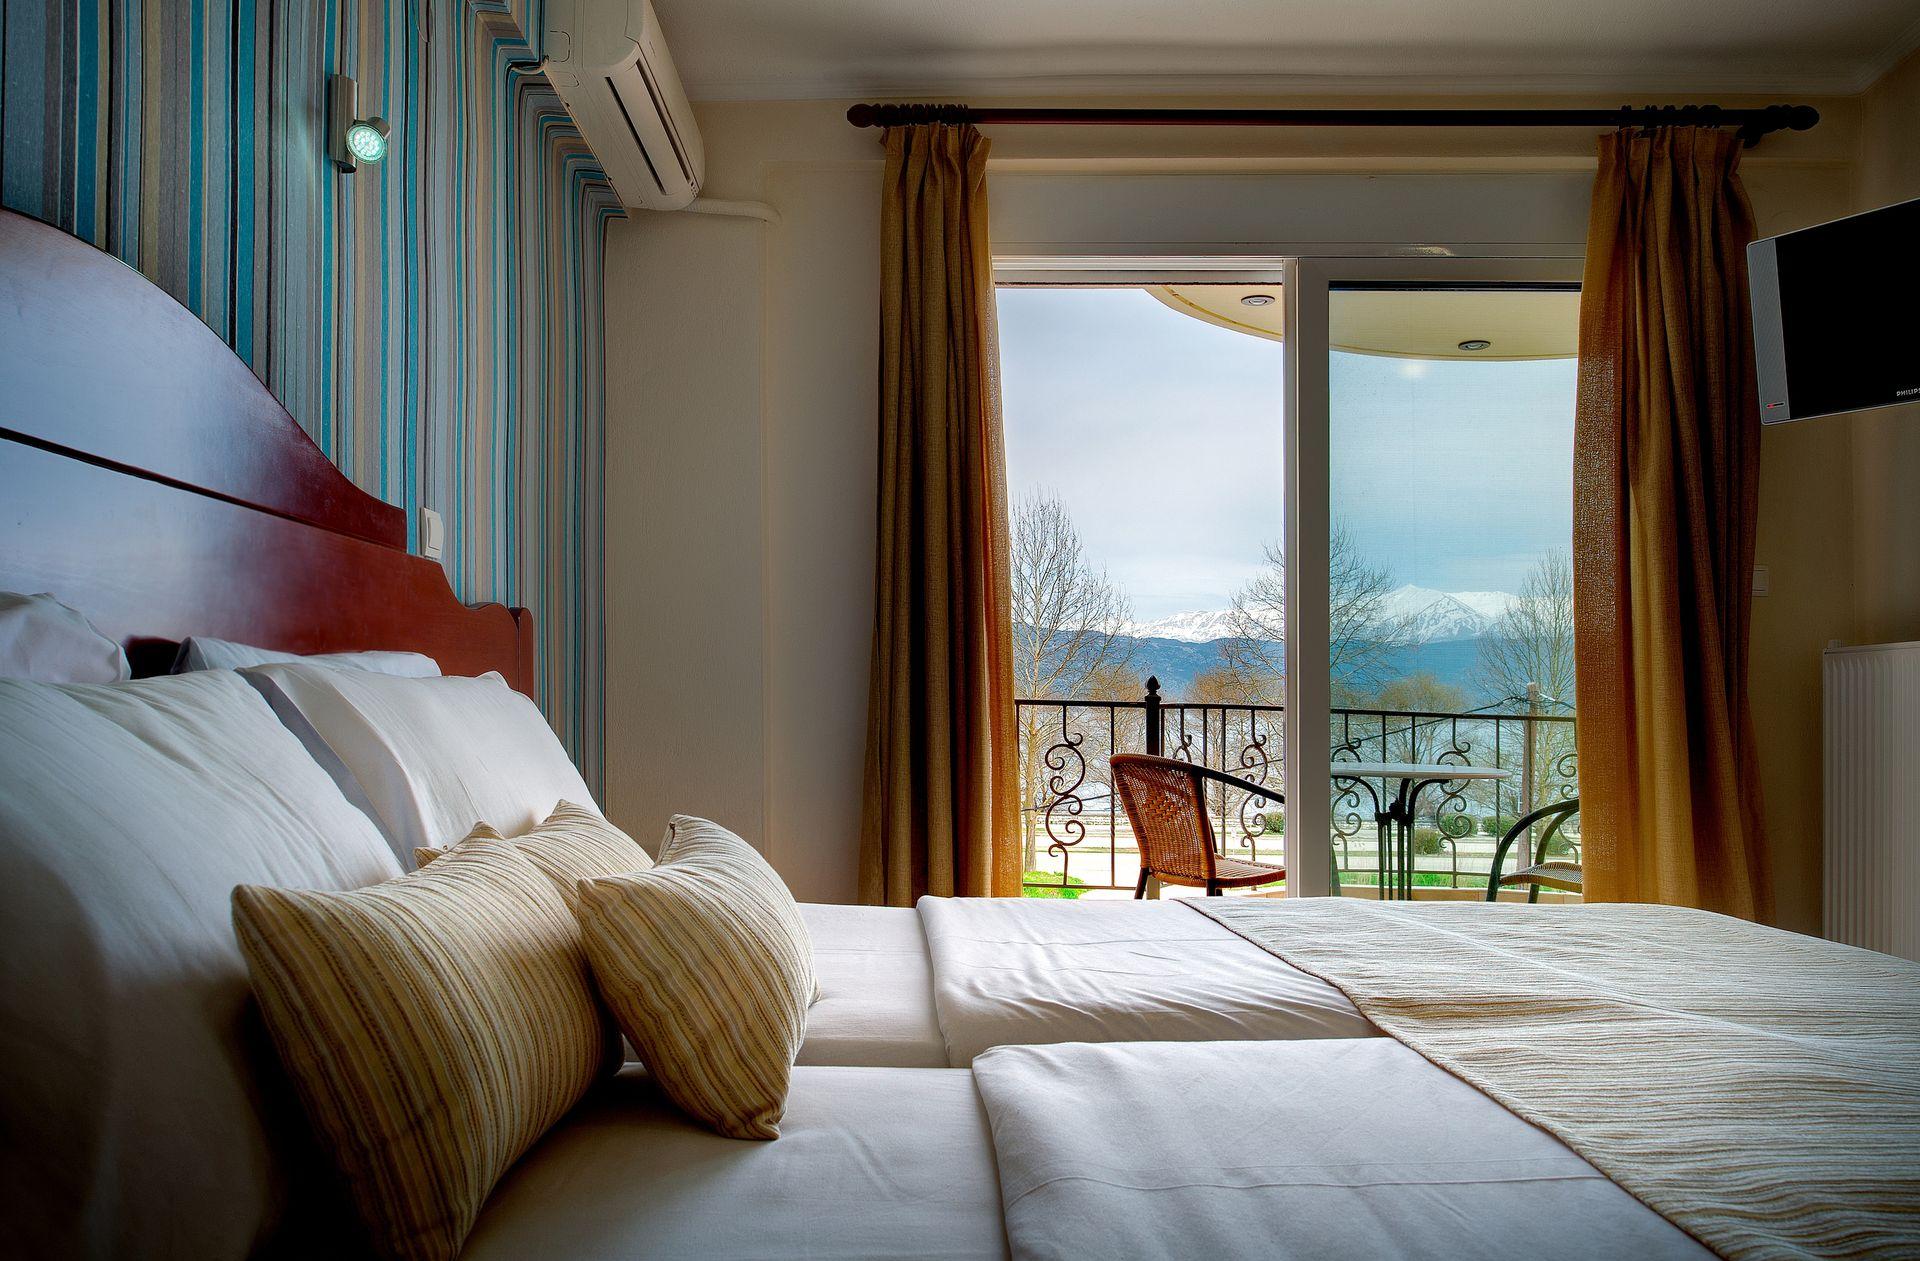 Akti Hotel - Ιωάννινα ✦ 2 Ημέρες (1 Διανυκτέρευση) ✦ 2 άτομα ✦ Πρωινό ✦ Χριστούγεννα & Πρωτοχρονιά (24/12/2020 έως 03/01/2021) ✦ Σε απόσταση αναπνοής από την καταπράσινη λίμνη Παμβώτιδα!